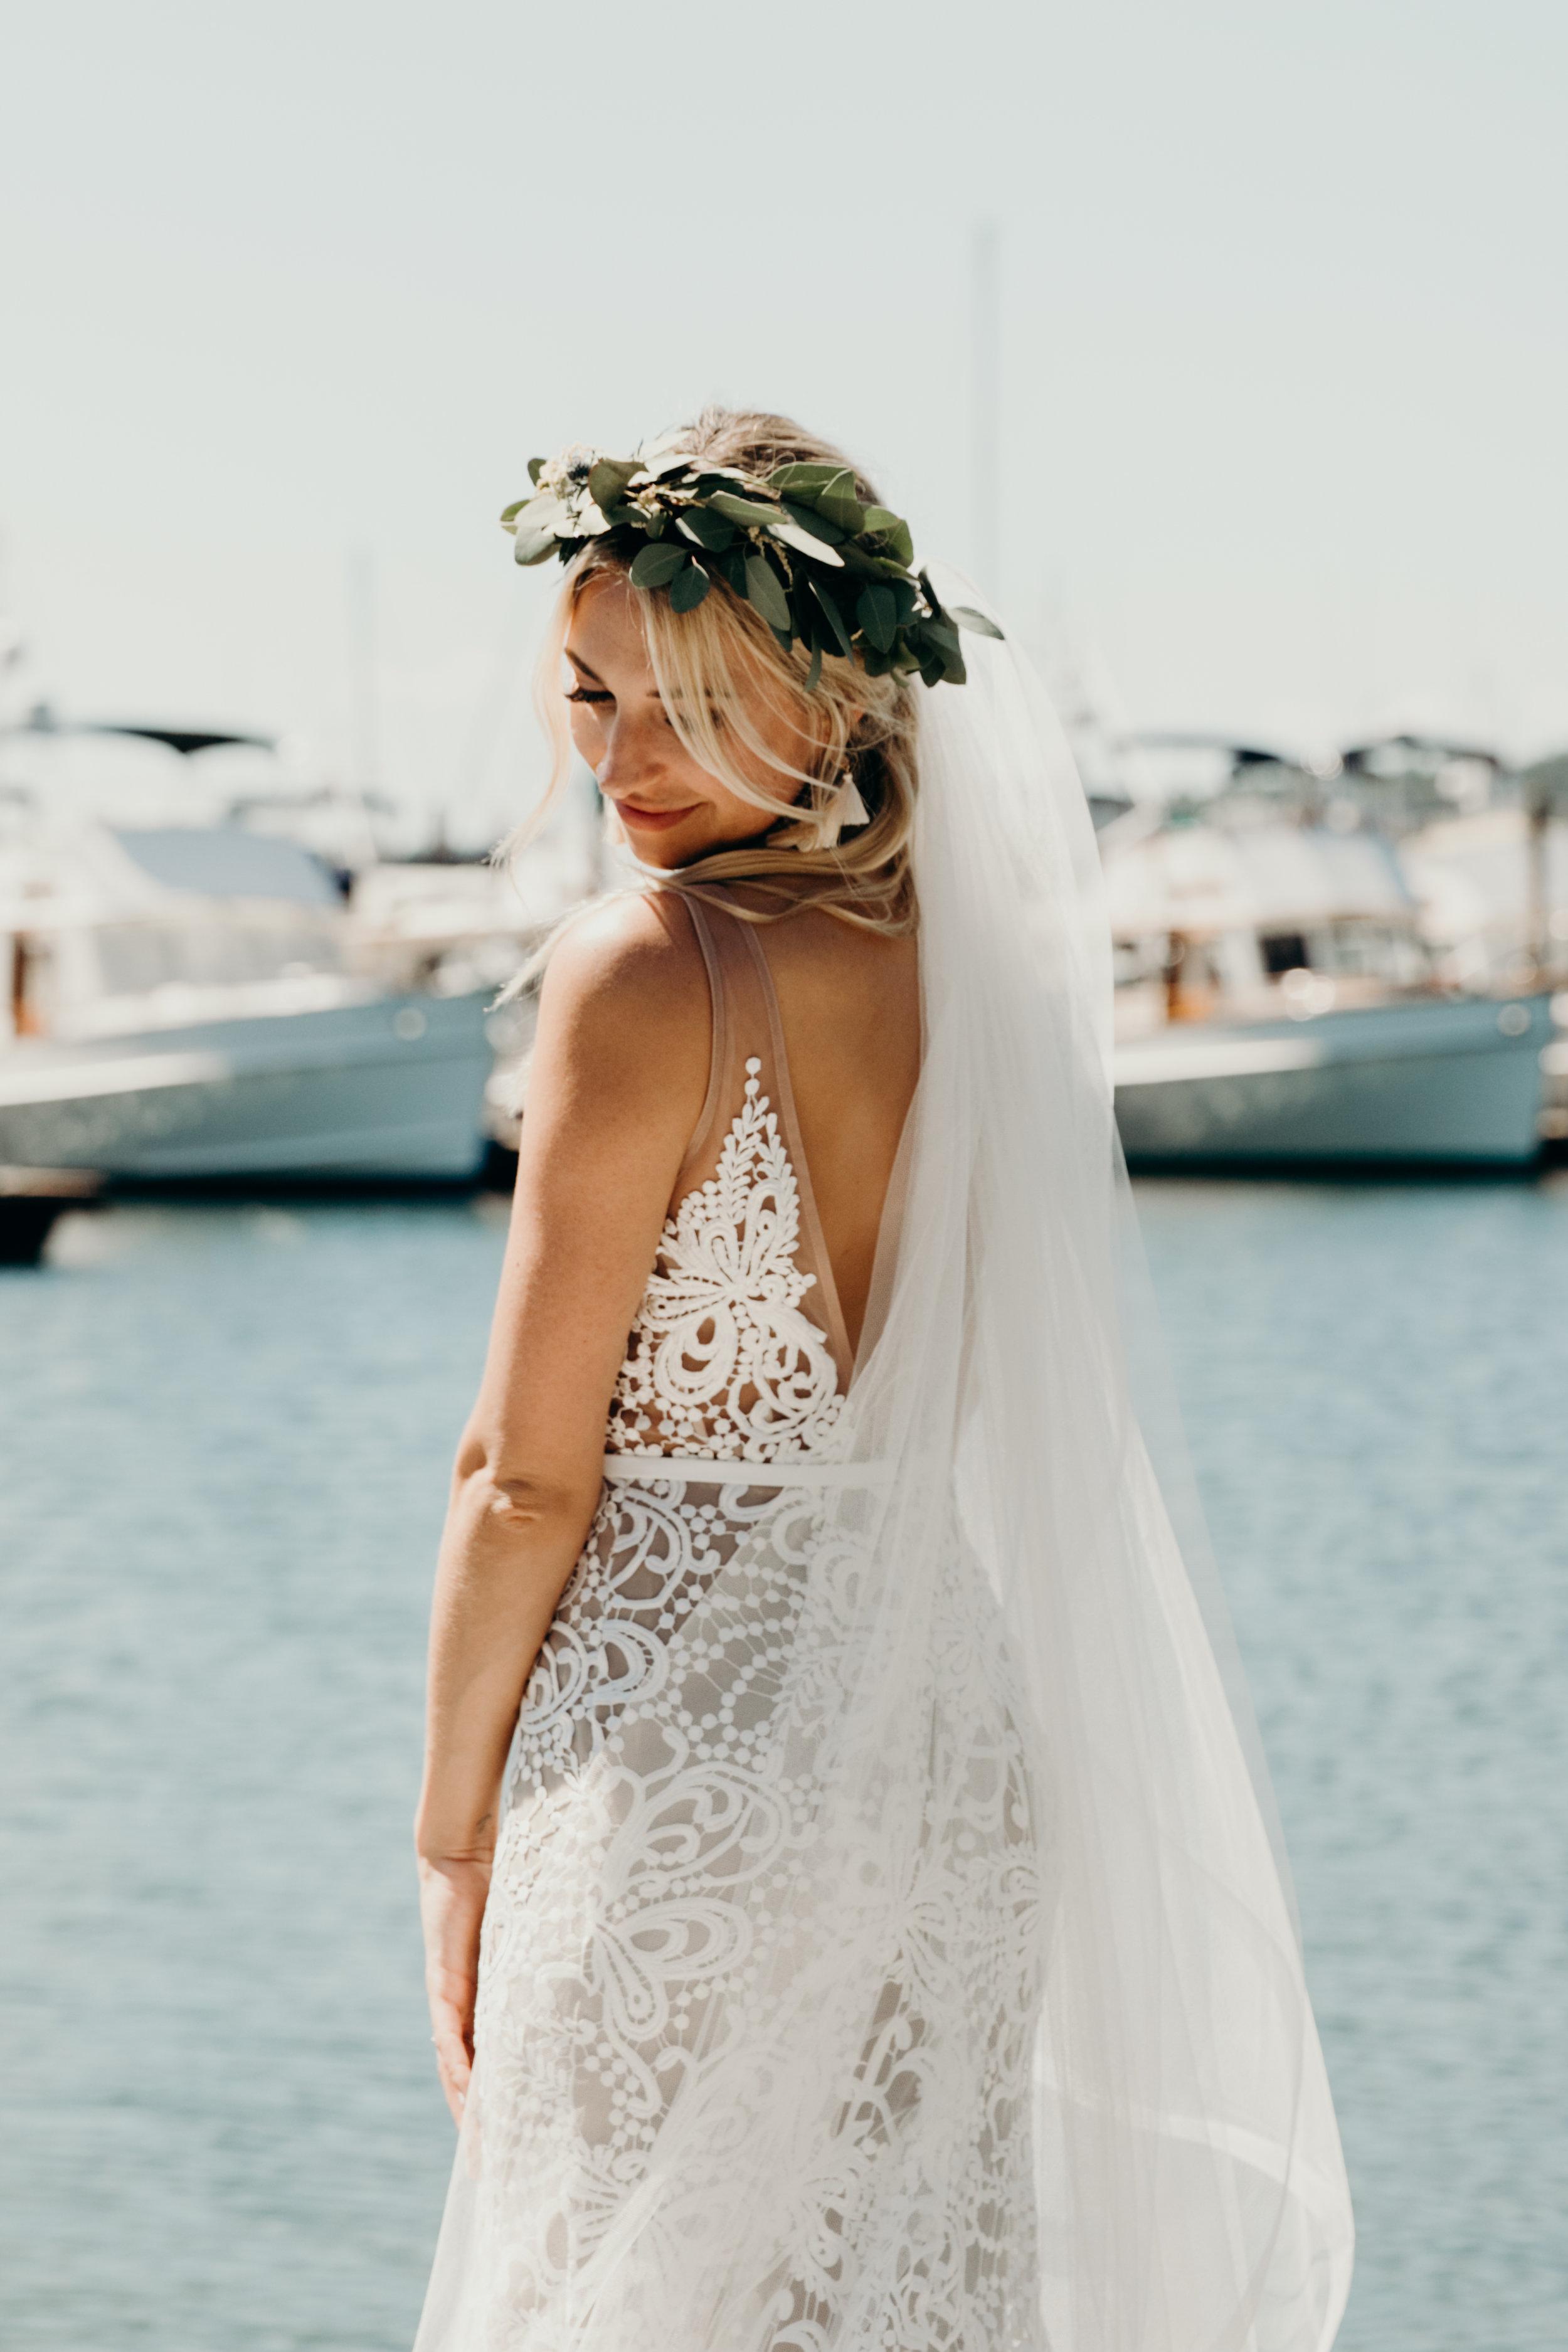 brides+-92 copy.jpg